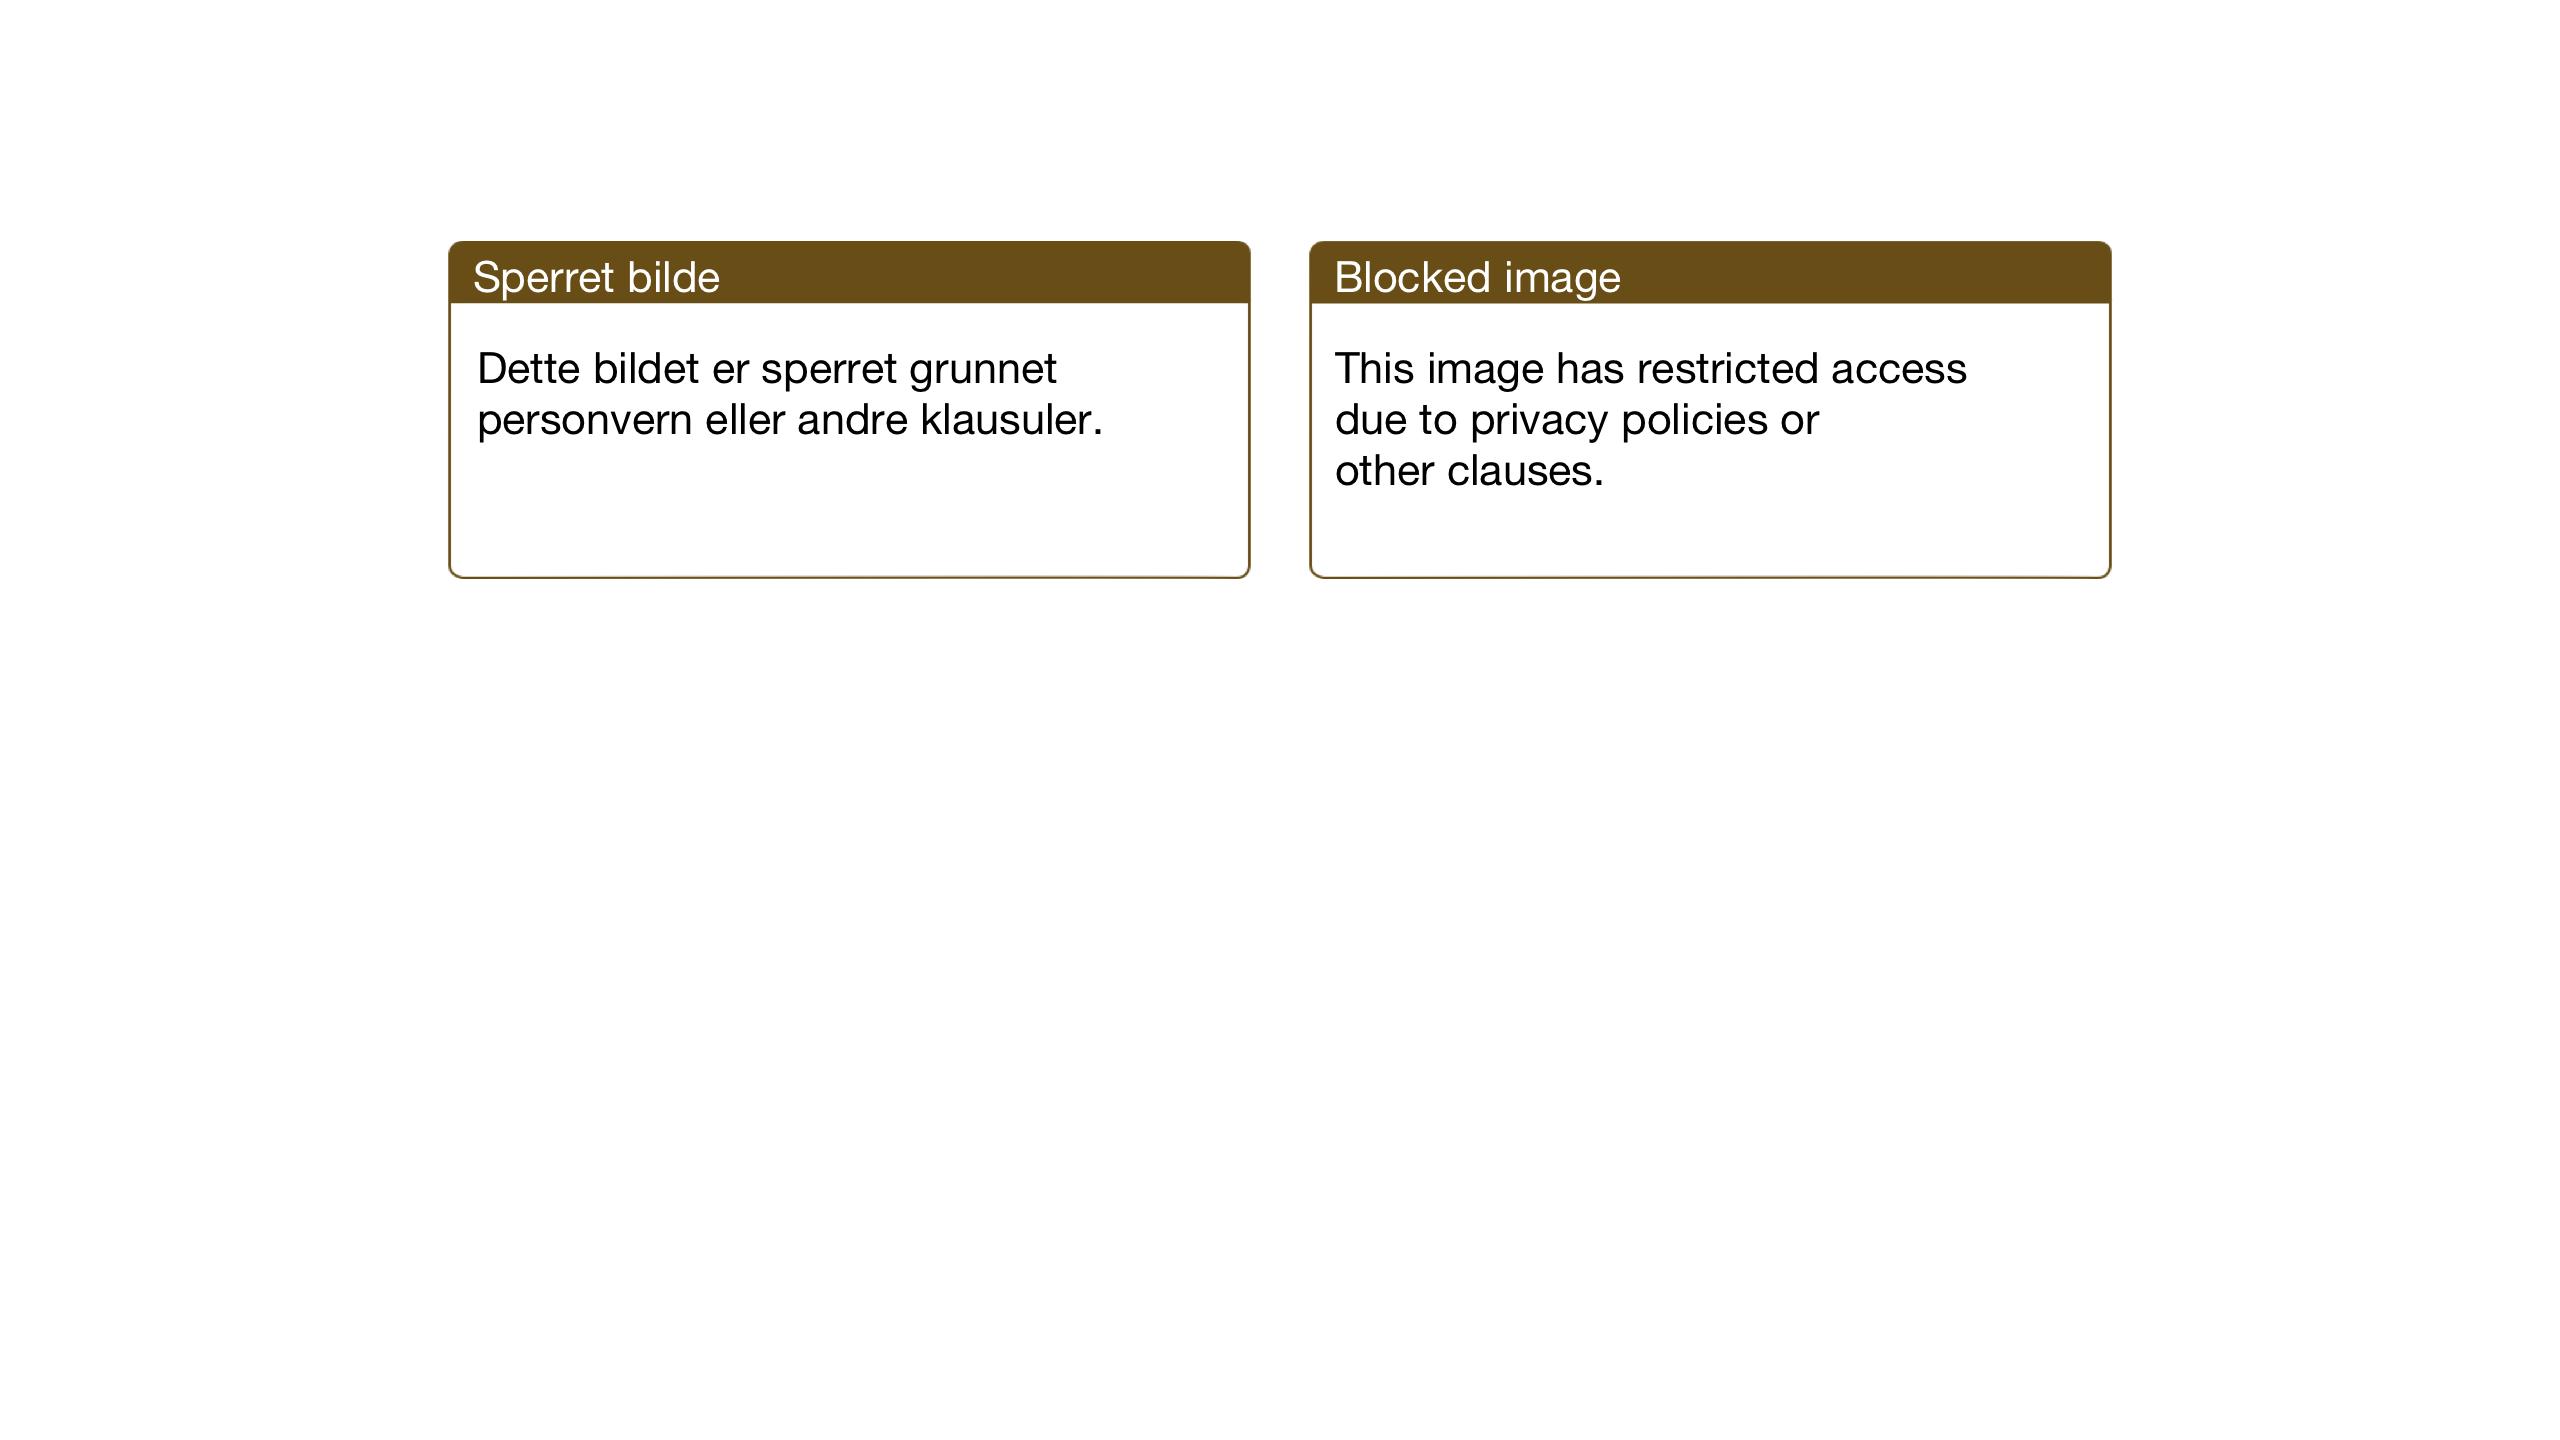 SAT, Ministerialprotokoller, klokkerbøker og fødselsregistre - Sør-Trøndelag, 630/L0508: Klokkerbok nr. 630C06, 1933-1950, s. 51